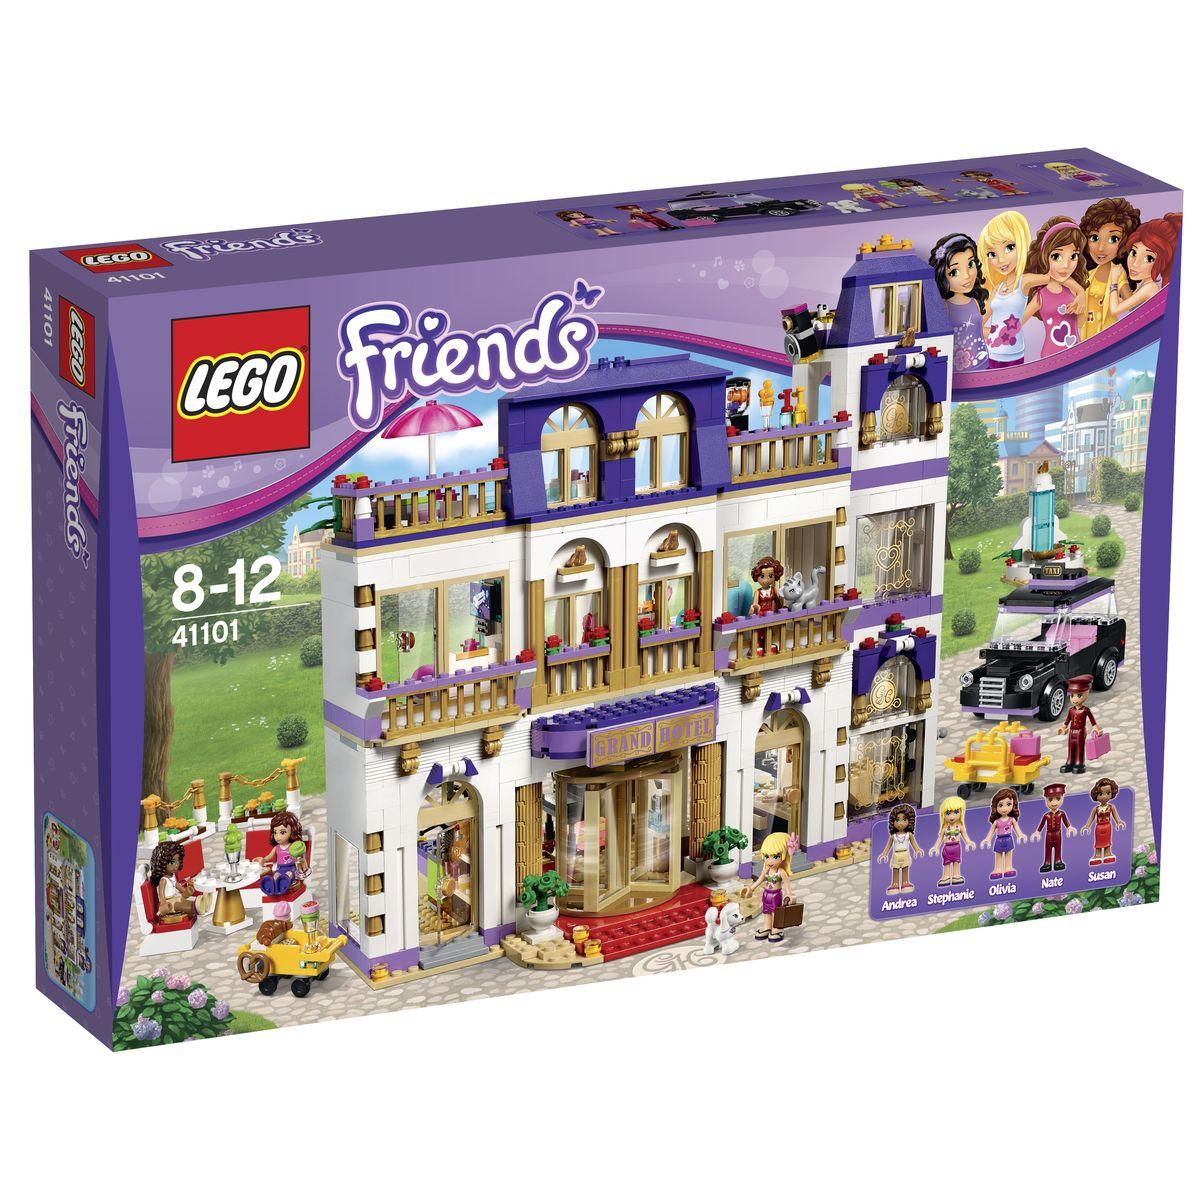 LEGO Friends Конструктор Гранд-отель 4110141101Гранд-отель из набора LEGO 41101 представляет собой трехэтажное здание с балконами и верандами. Его фасад выполнен из светло-бежевых деталей с добавлением позолоченных колонн, орнаментов и скульптур. Перед входом организована просторная гостевая зона с заграждениями, парковкой для такси и фонтаном. Центральный вход, оборудованный козырьком с вывеской и вращающейся дверью, сделан в лучших традициях дорогих гостиниц. К нему ведет лестница с фонариками и клумбами, напоминающая собой красную ковровую дорожку для очень важных персон. Пройдя по ней, можно очутиться в просторном холле Гранд-отеля. Справа располагается стойка регистрации и место консьержа, оборудованное прямоугольной столешницей, компьютером, монитором и тележкой для багажа. Напротив открыта кондитерская с огромным выбором свежей выпечки и пирожных. Для удобства посетителей в кафе есть уютный столик и четыре стула, сидя на которых так приятно полакомиться вкуснейшими десертами от шеф-повара. Центральная часть холла отведена...